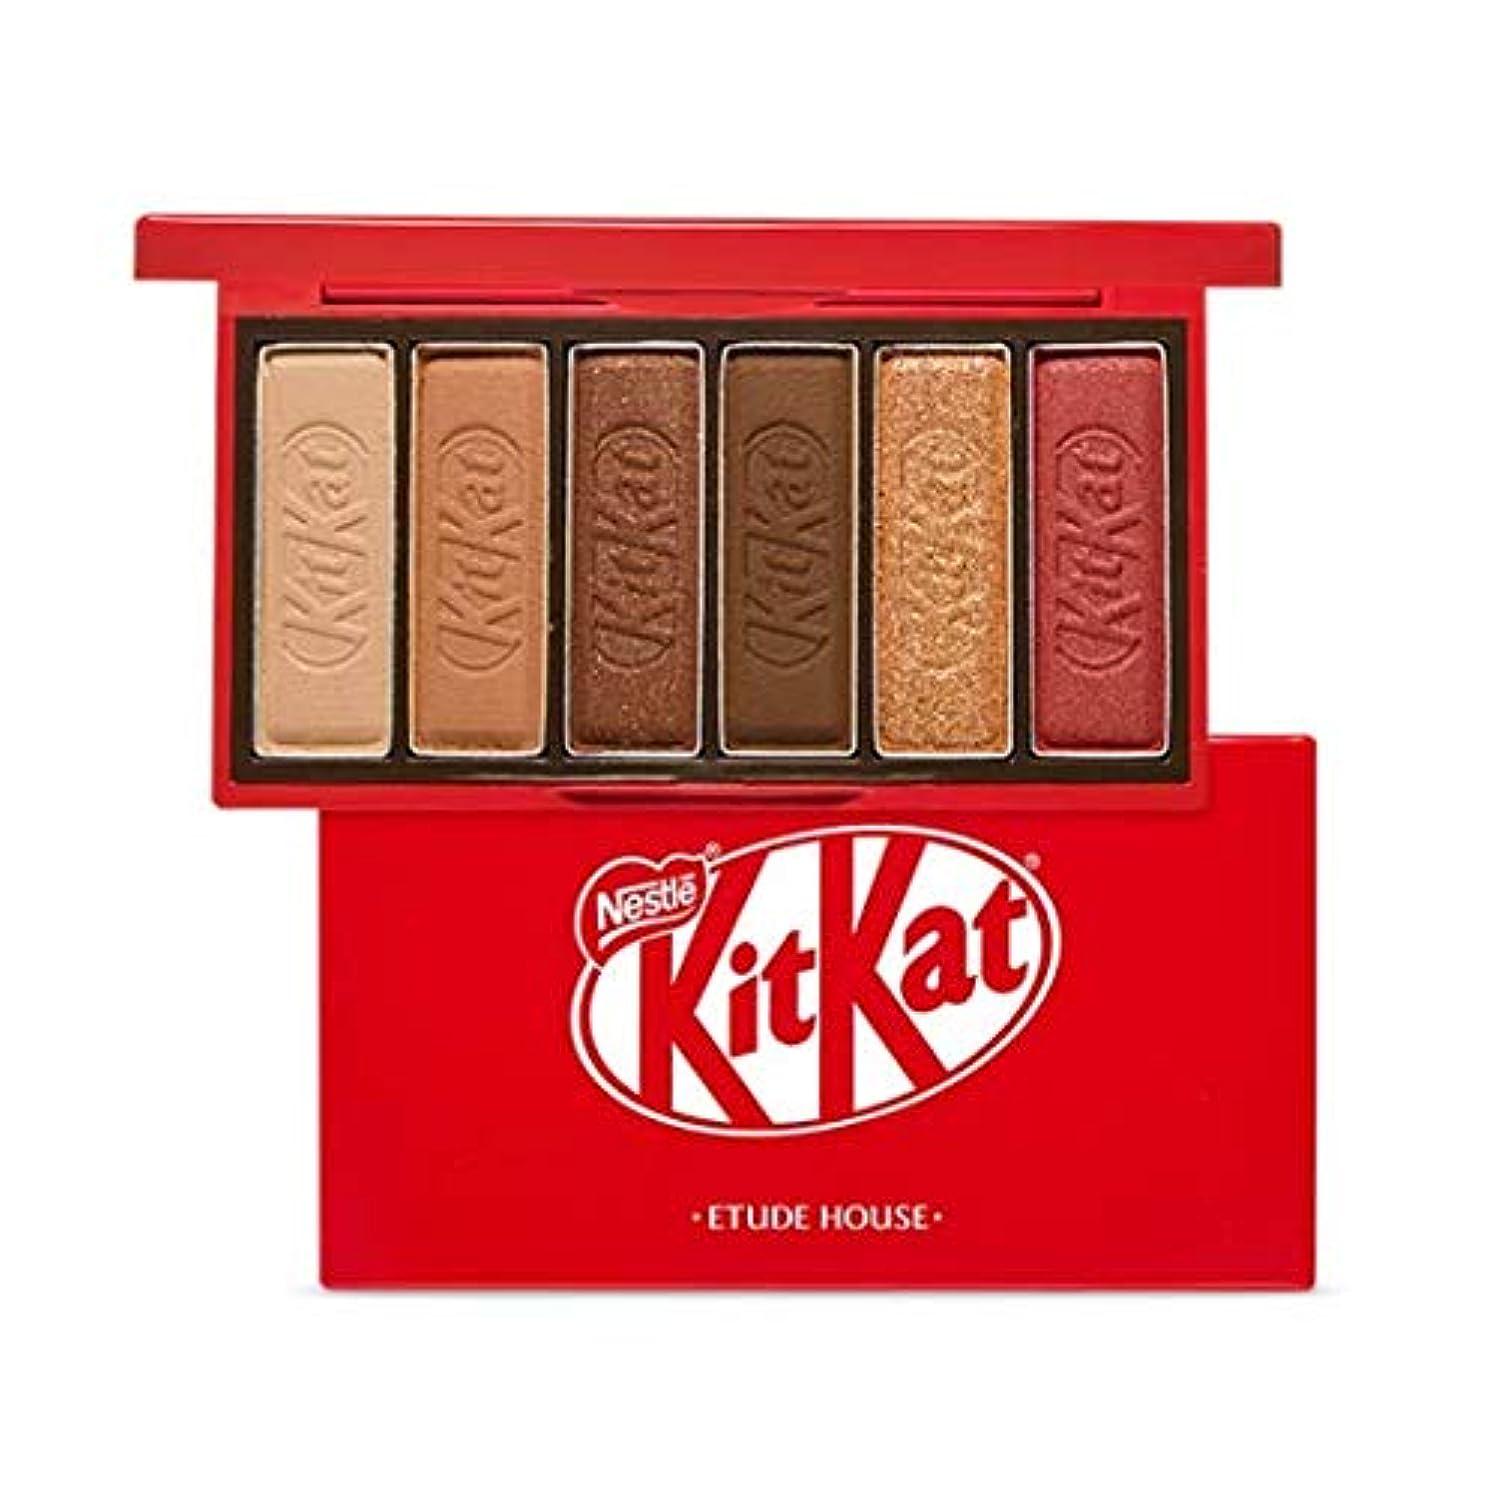 エイズ暗記する暴露エチュードハウス キットカット プレイカラー アイズ ミニ 1*6g / ETUDE HOUSE KitKat Play Color Eyes Mini #1 KitKat Original [並行輸入品]